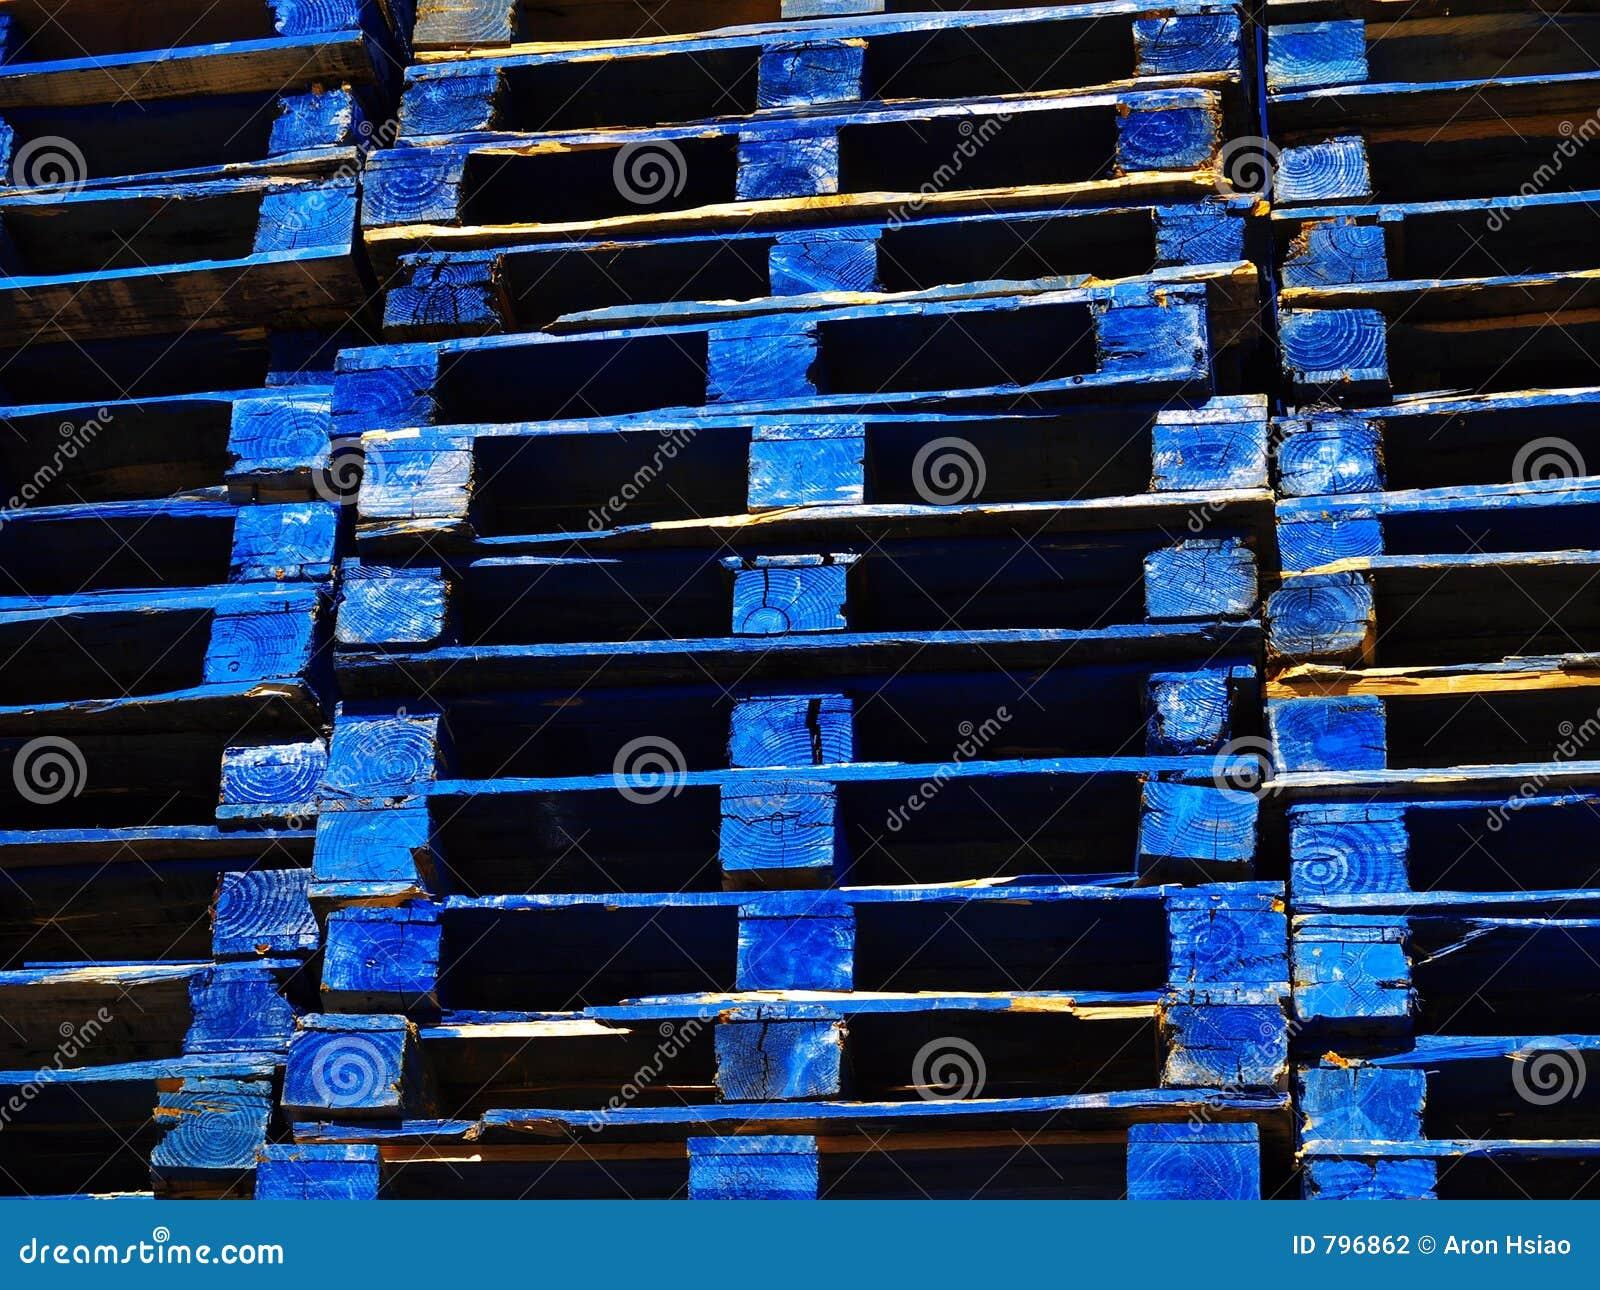 Niebieski bright palet drewnianych wysłać